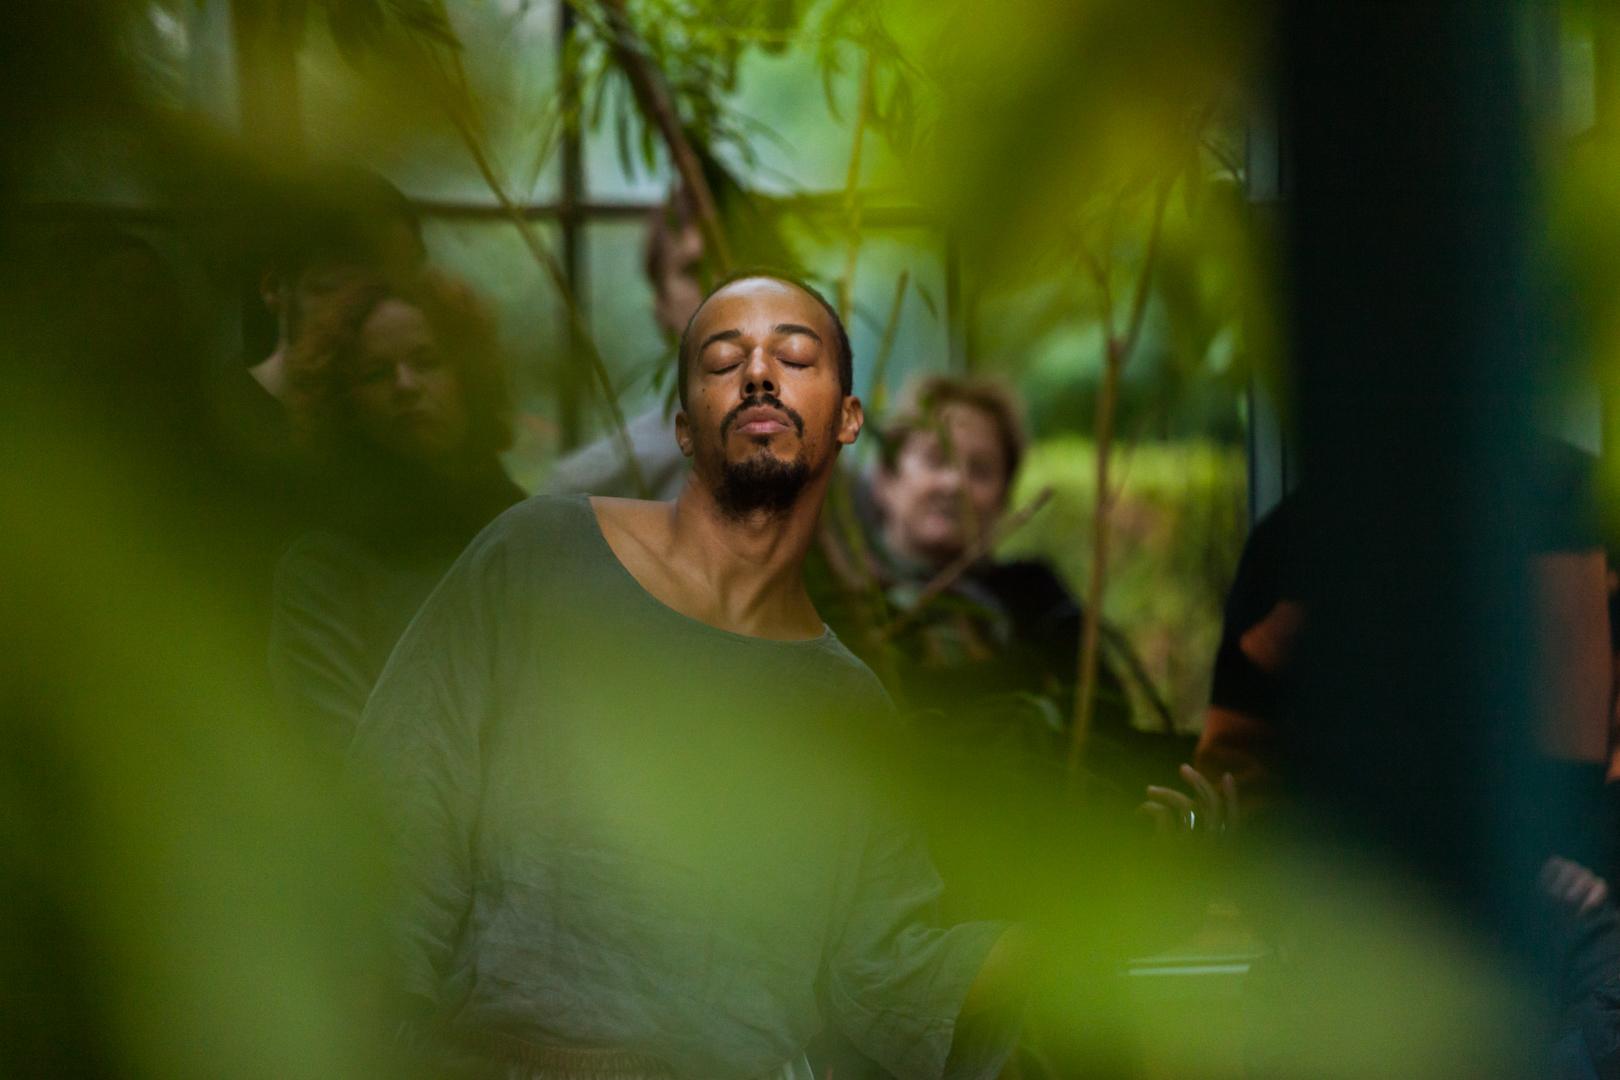 Chimbu et les autres performed by Paul Maheke, Manifesta 12, Palermo. Image by Dario di Liberti, 2018